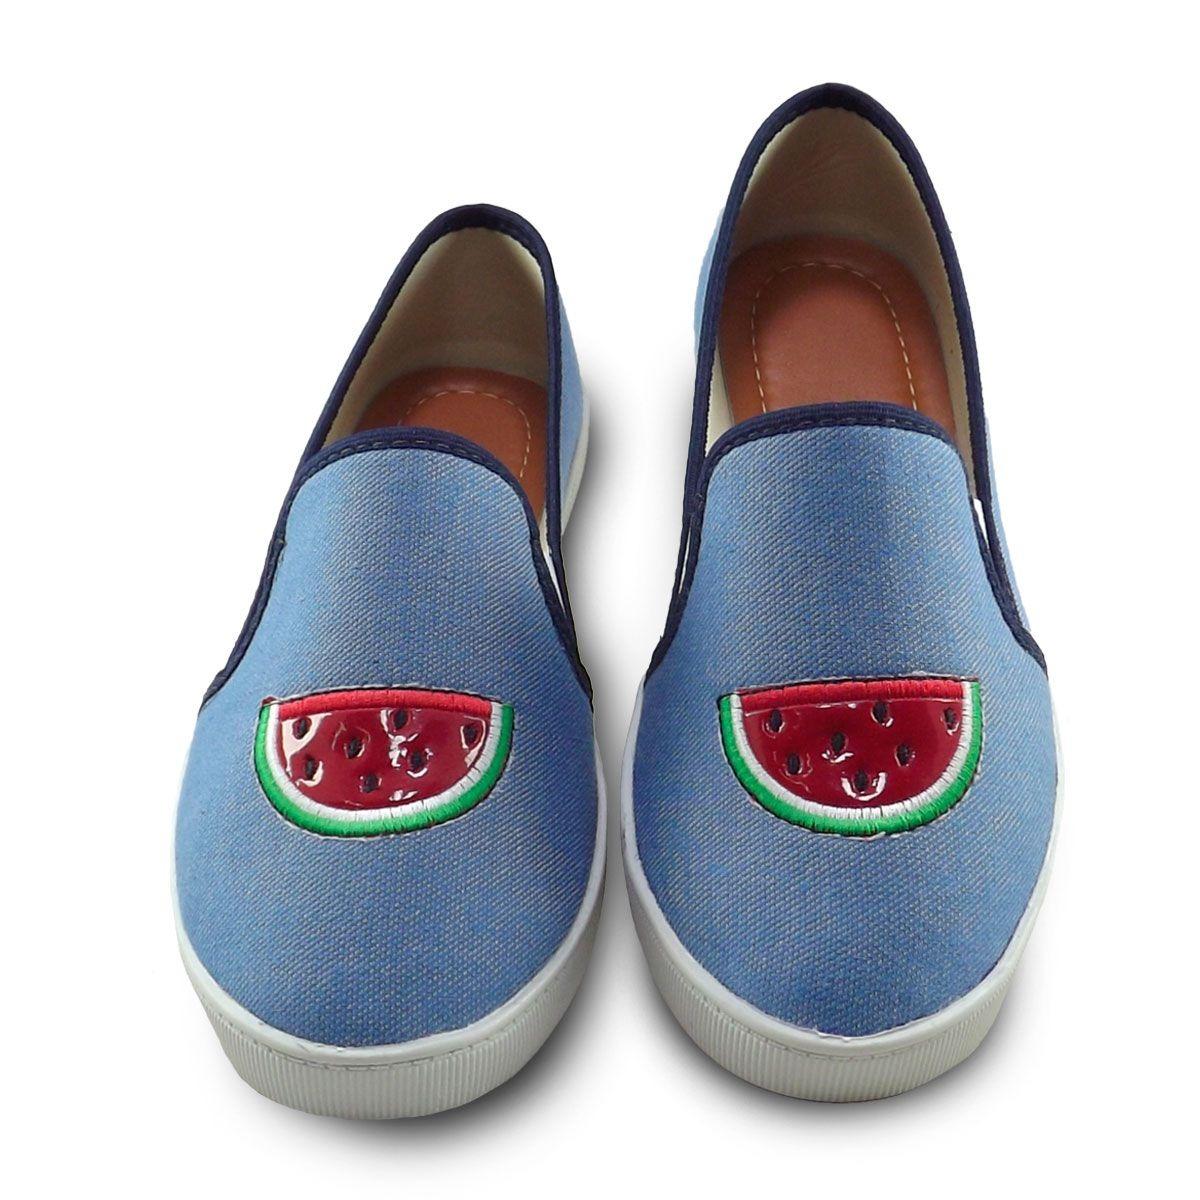 d58a49f87b7 Sapatênis Feminino Tênis Slip-on Sapato Sem Cadarço - R  27